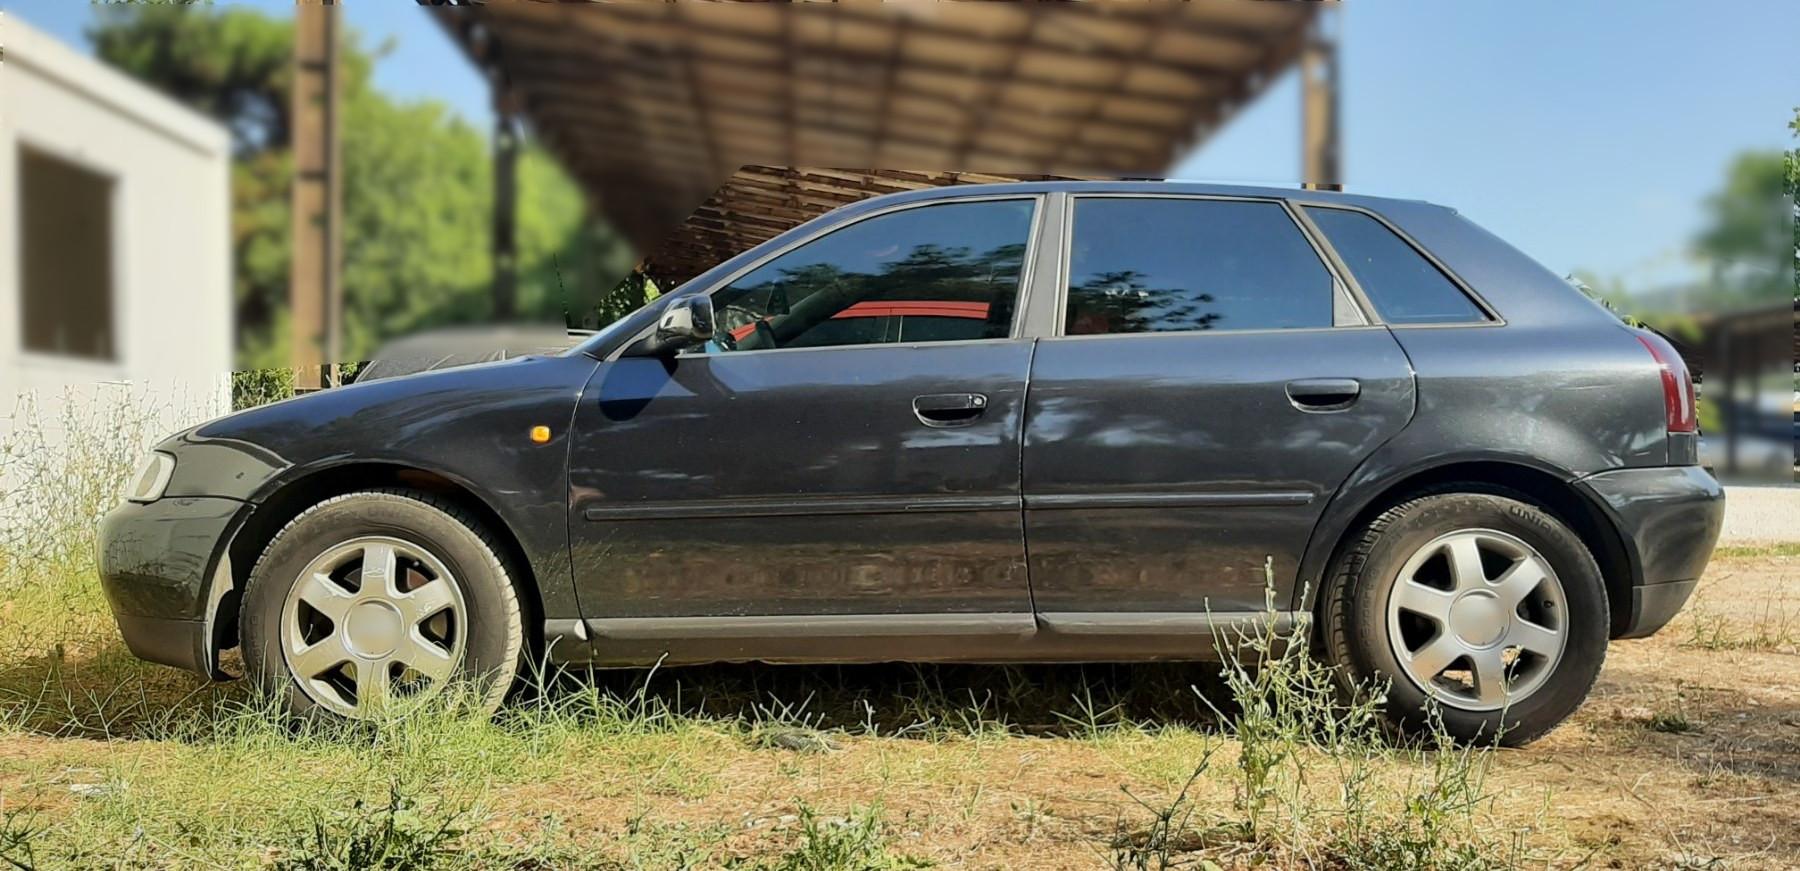 Νέα σύλληψη διακινητή στην Καβάλα